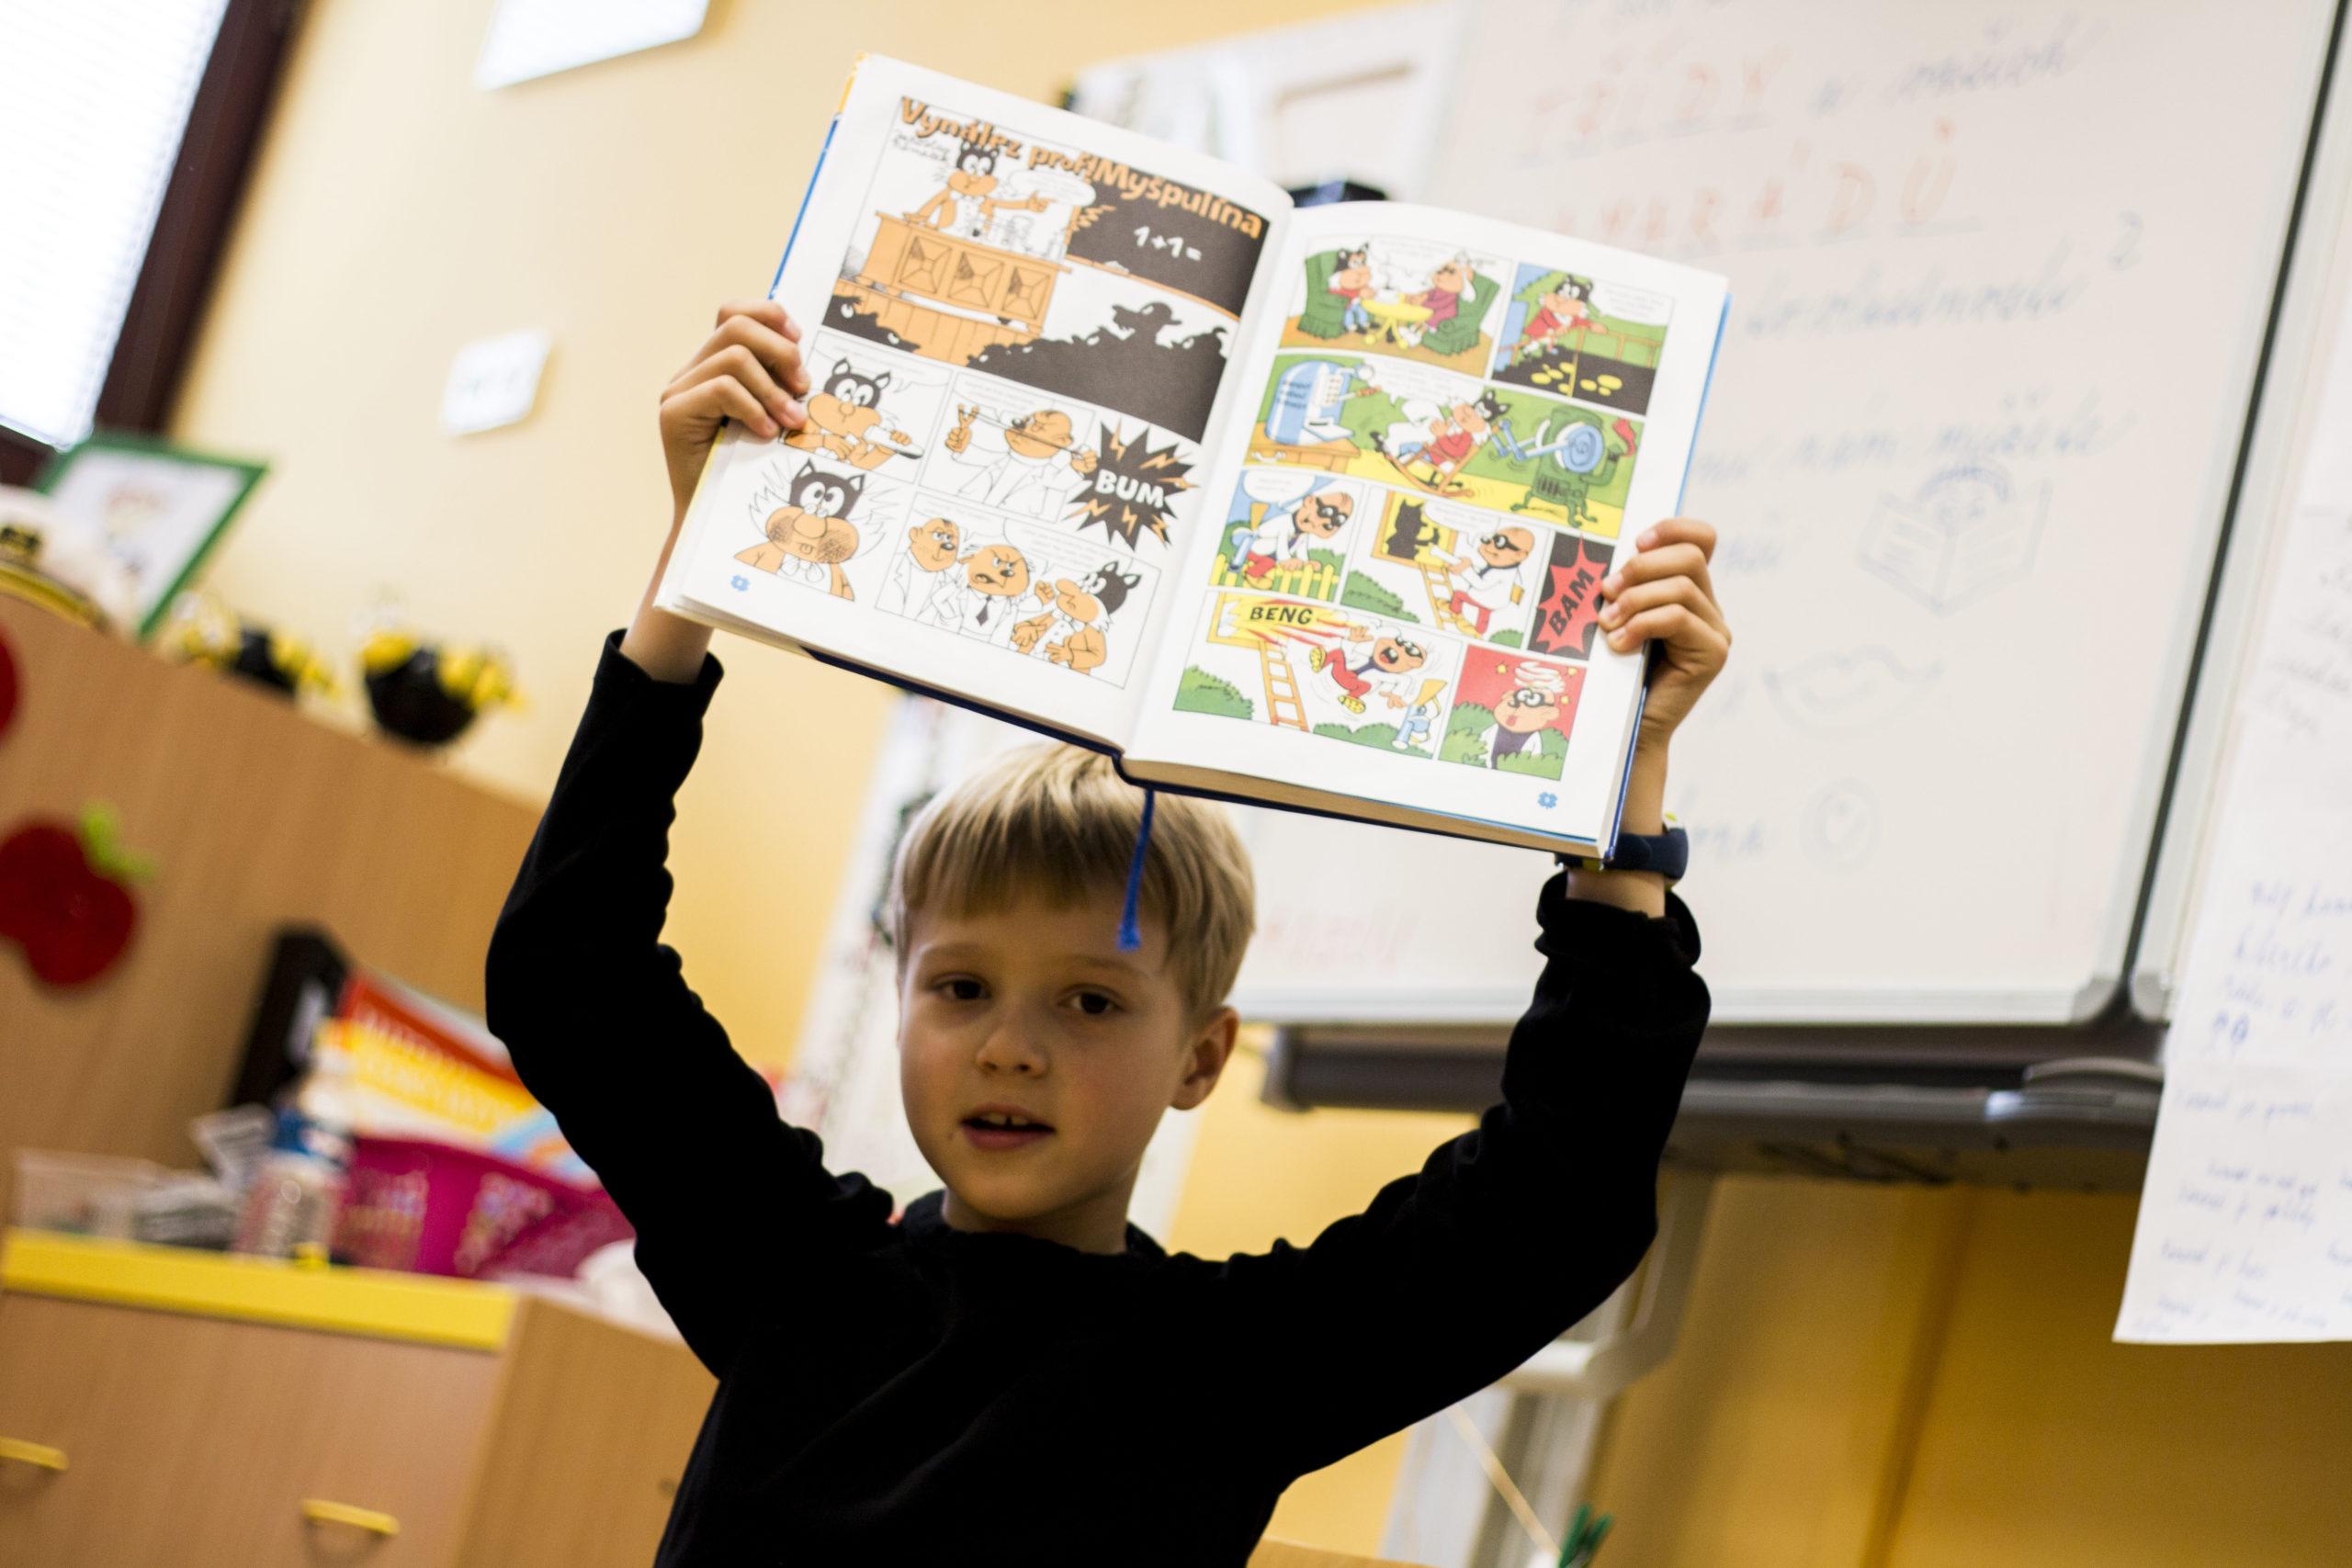 Rodiče se často domnívají, že výběr školy, potažmo povolání, je jednorázová záležitost. Podle autorek ovšem rodič může podpořit dítě ze všech úhlů, naučit ho, aby získávalo informace o sobě i o světě a uvědomovalo si sebe průběžně už od útlého věku.